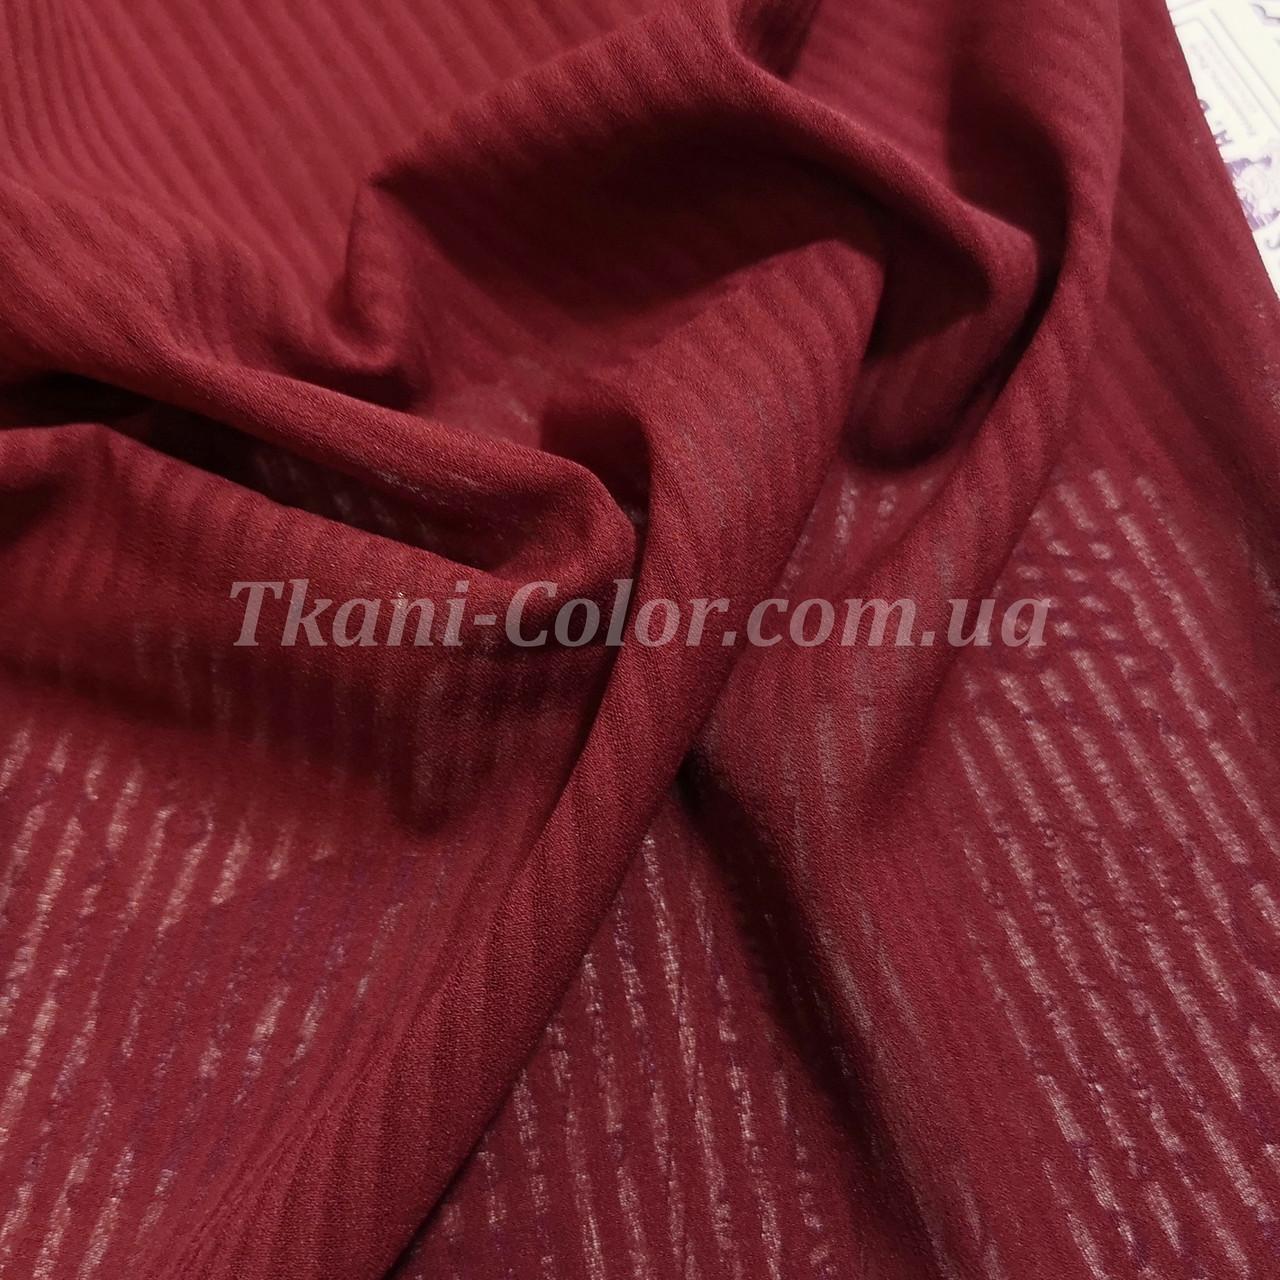 Ткань креп-шифон бордовый полоска 4мм